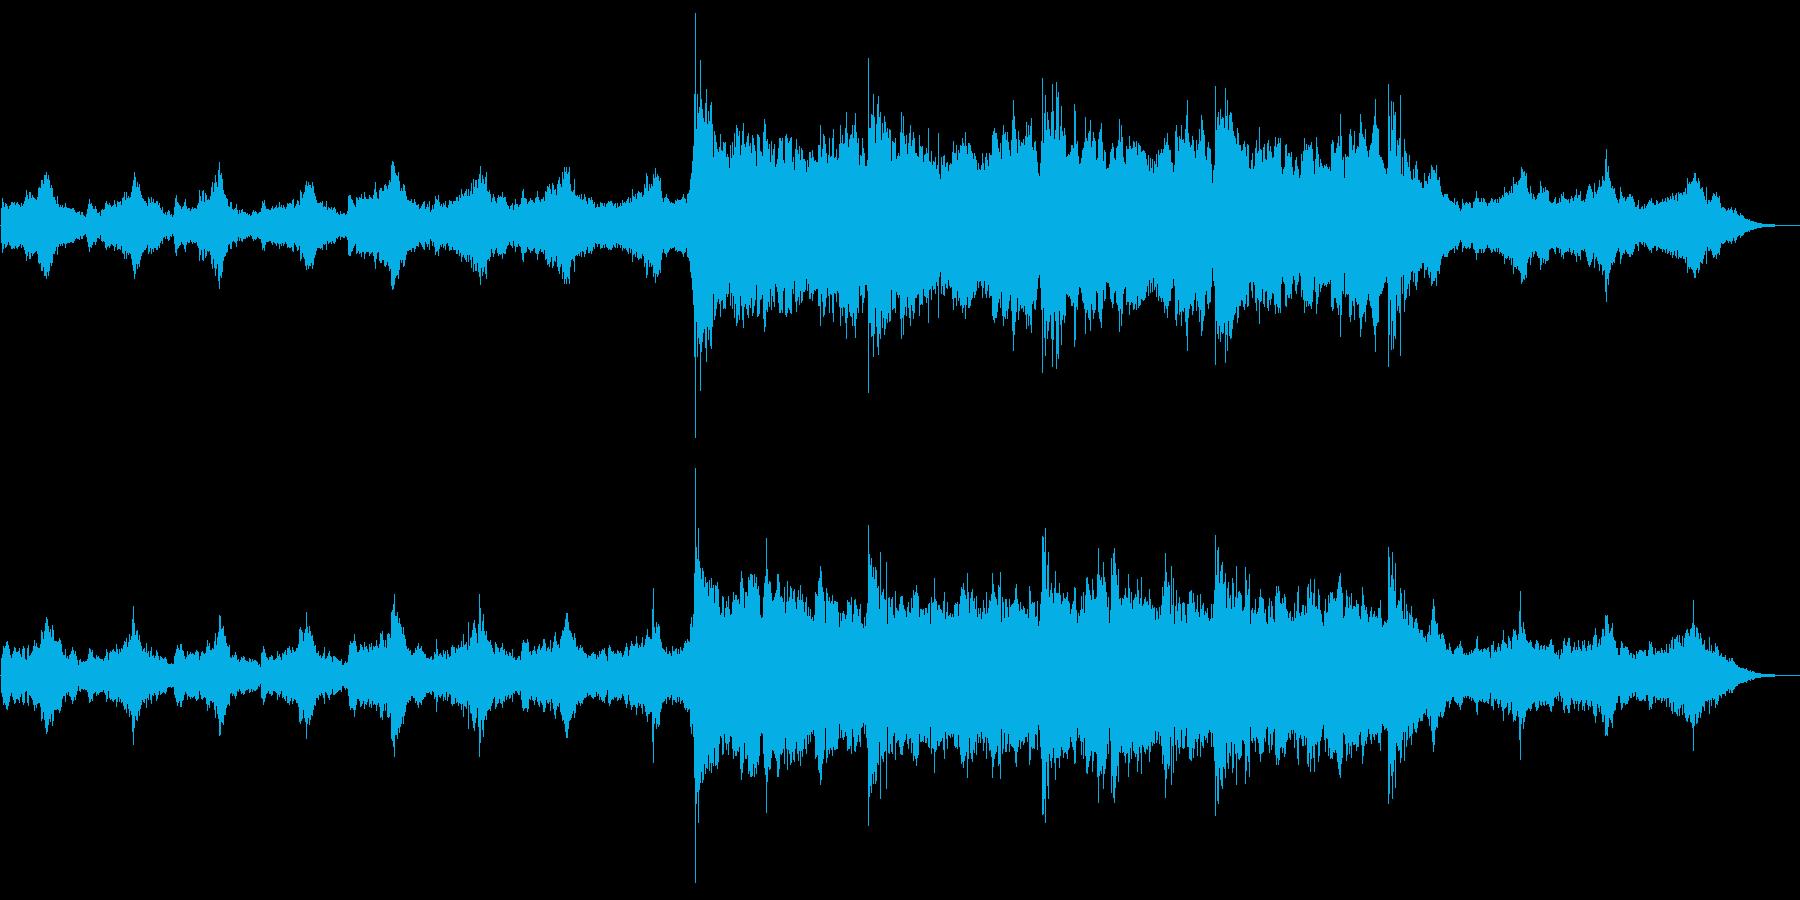 宇宙系SF映画音楽風の荘厳で幻想的な曲の再生済みの波形